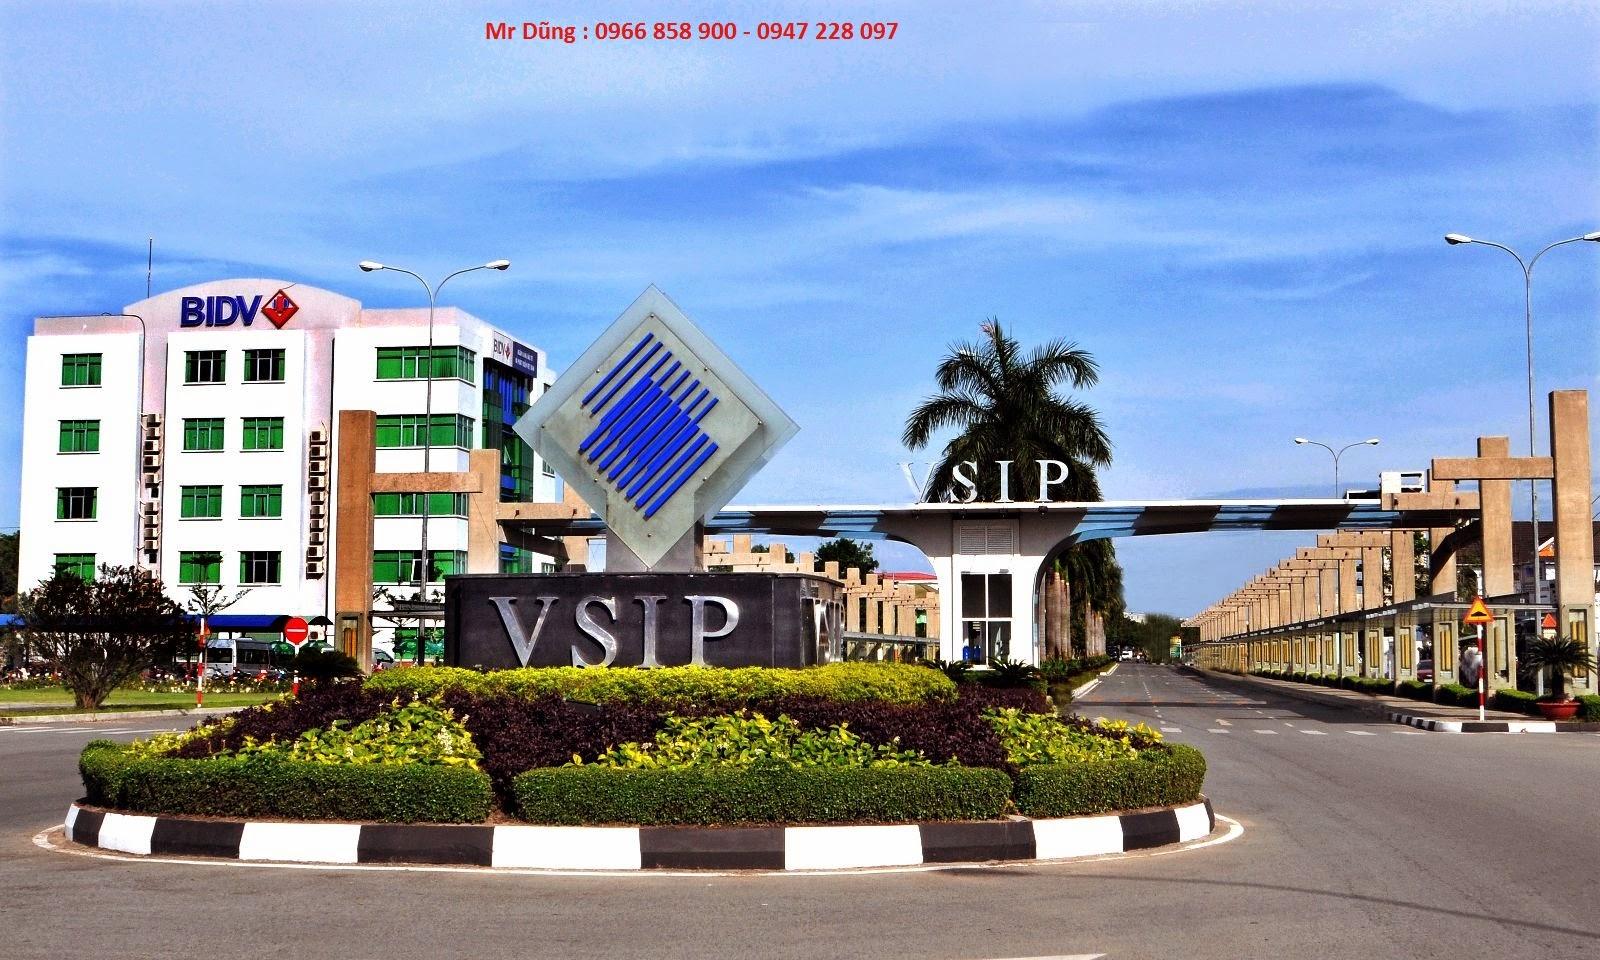 Bán đất nền VSIP giá gốc chủ đầu tư BECAMEX ảnh 1